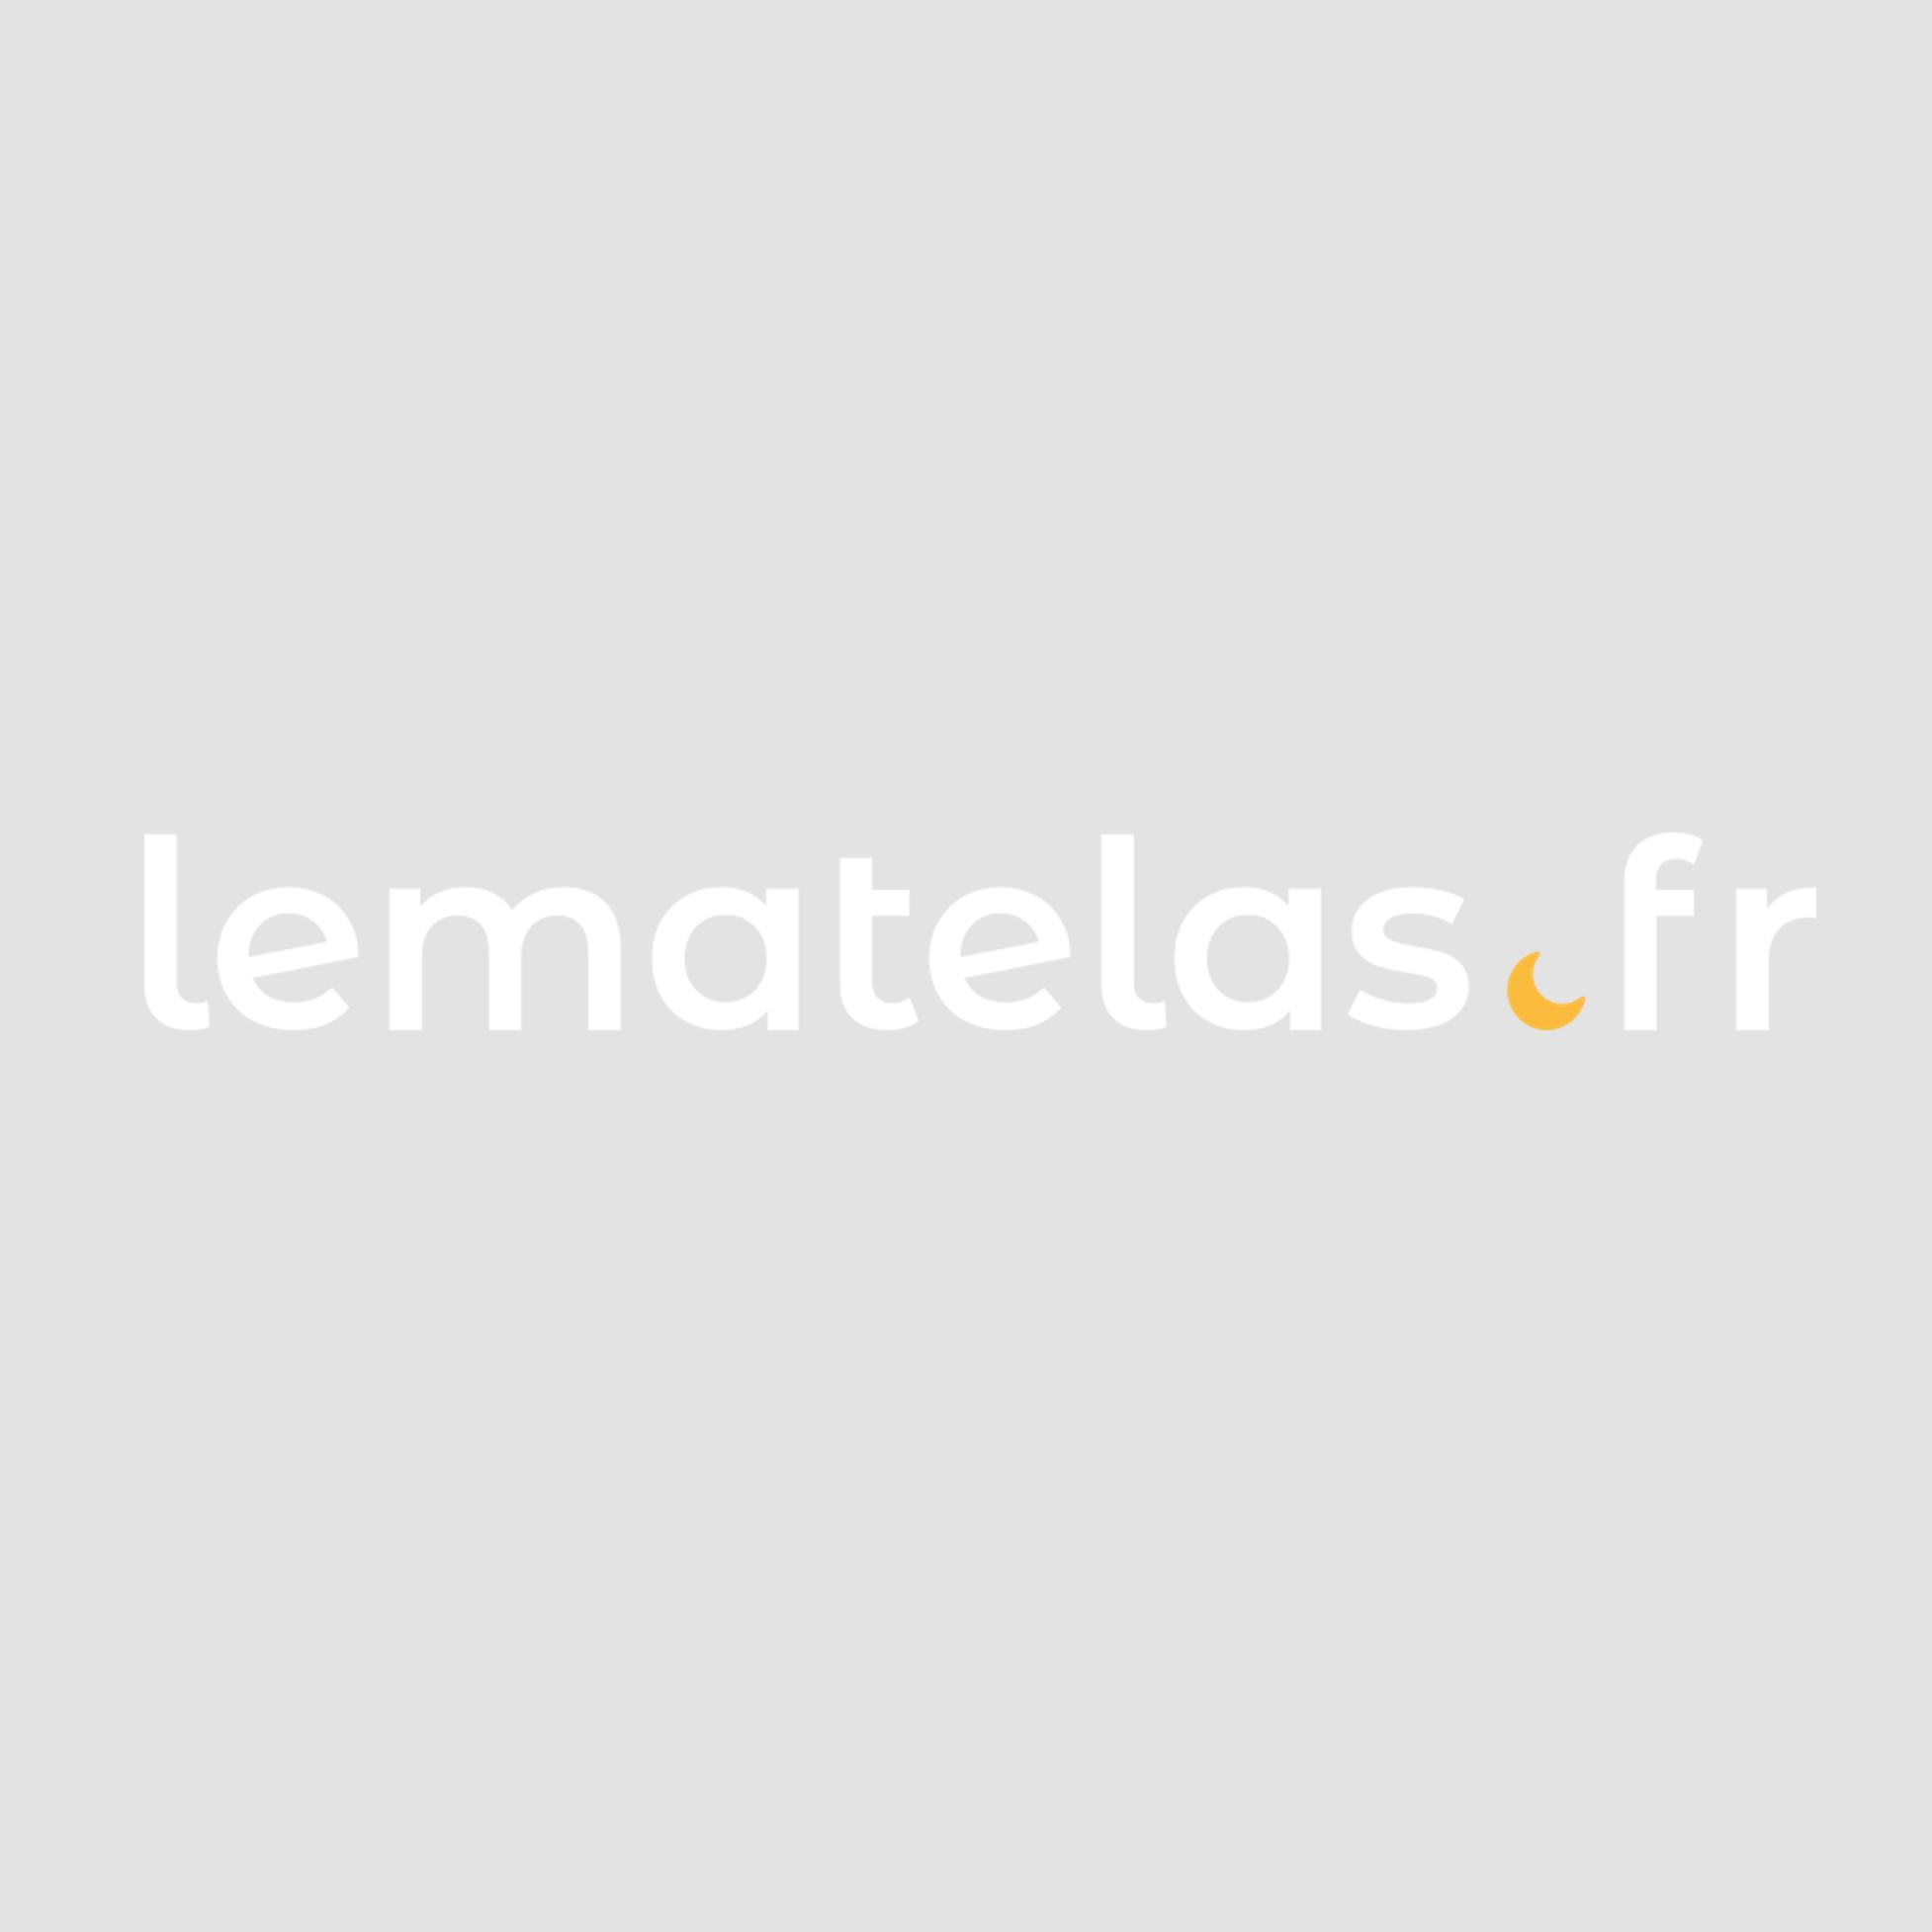 lit bois ou m tal 160x200 pour votre chambre en livraison gratuite. Black Bedroom Furniture Sets. Home Design Ideas